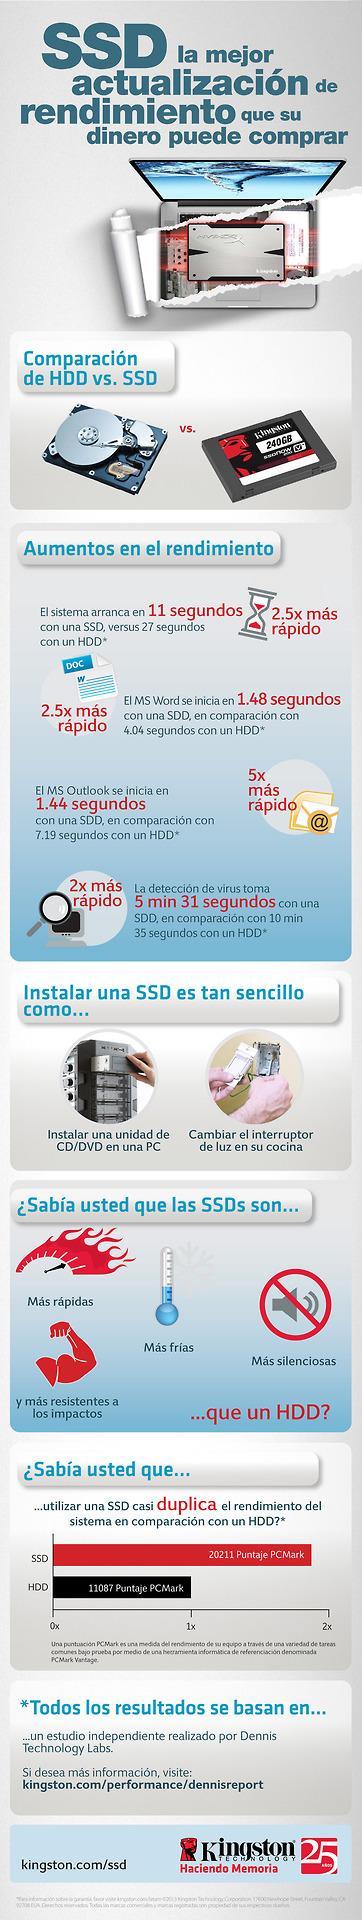 Infografía SSDs